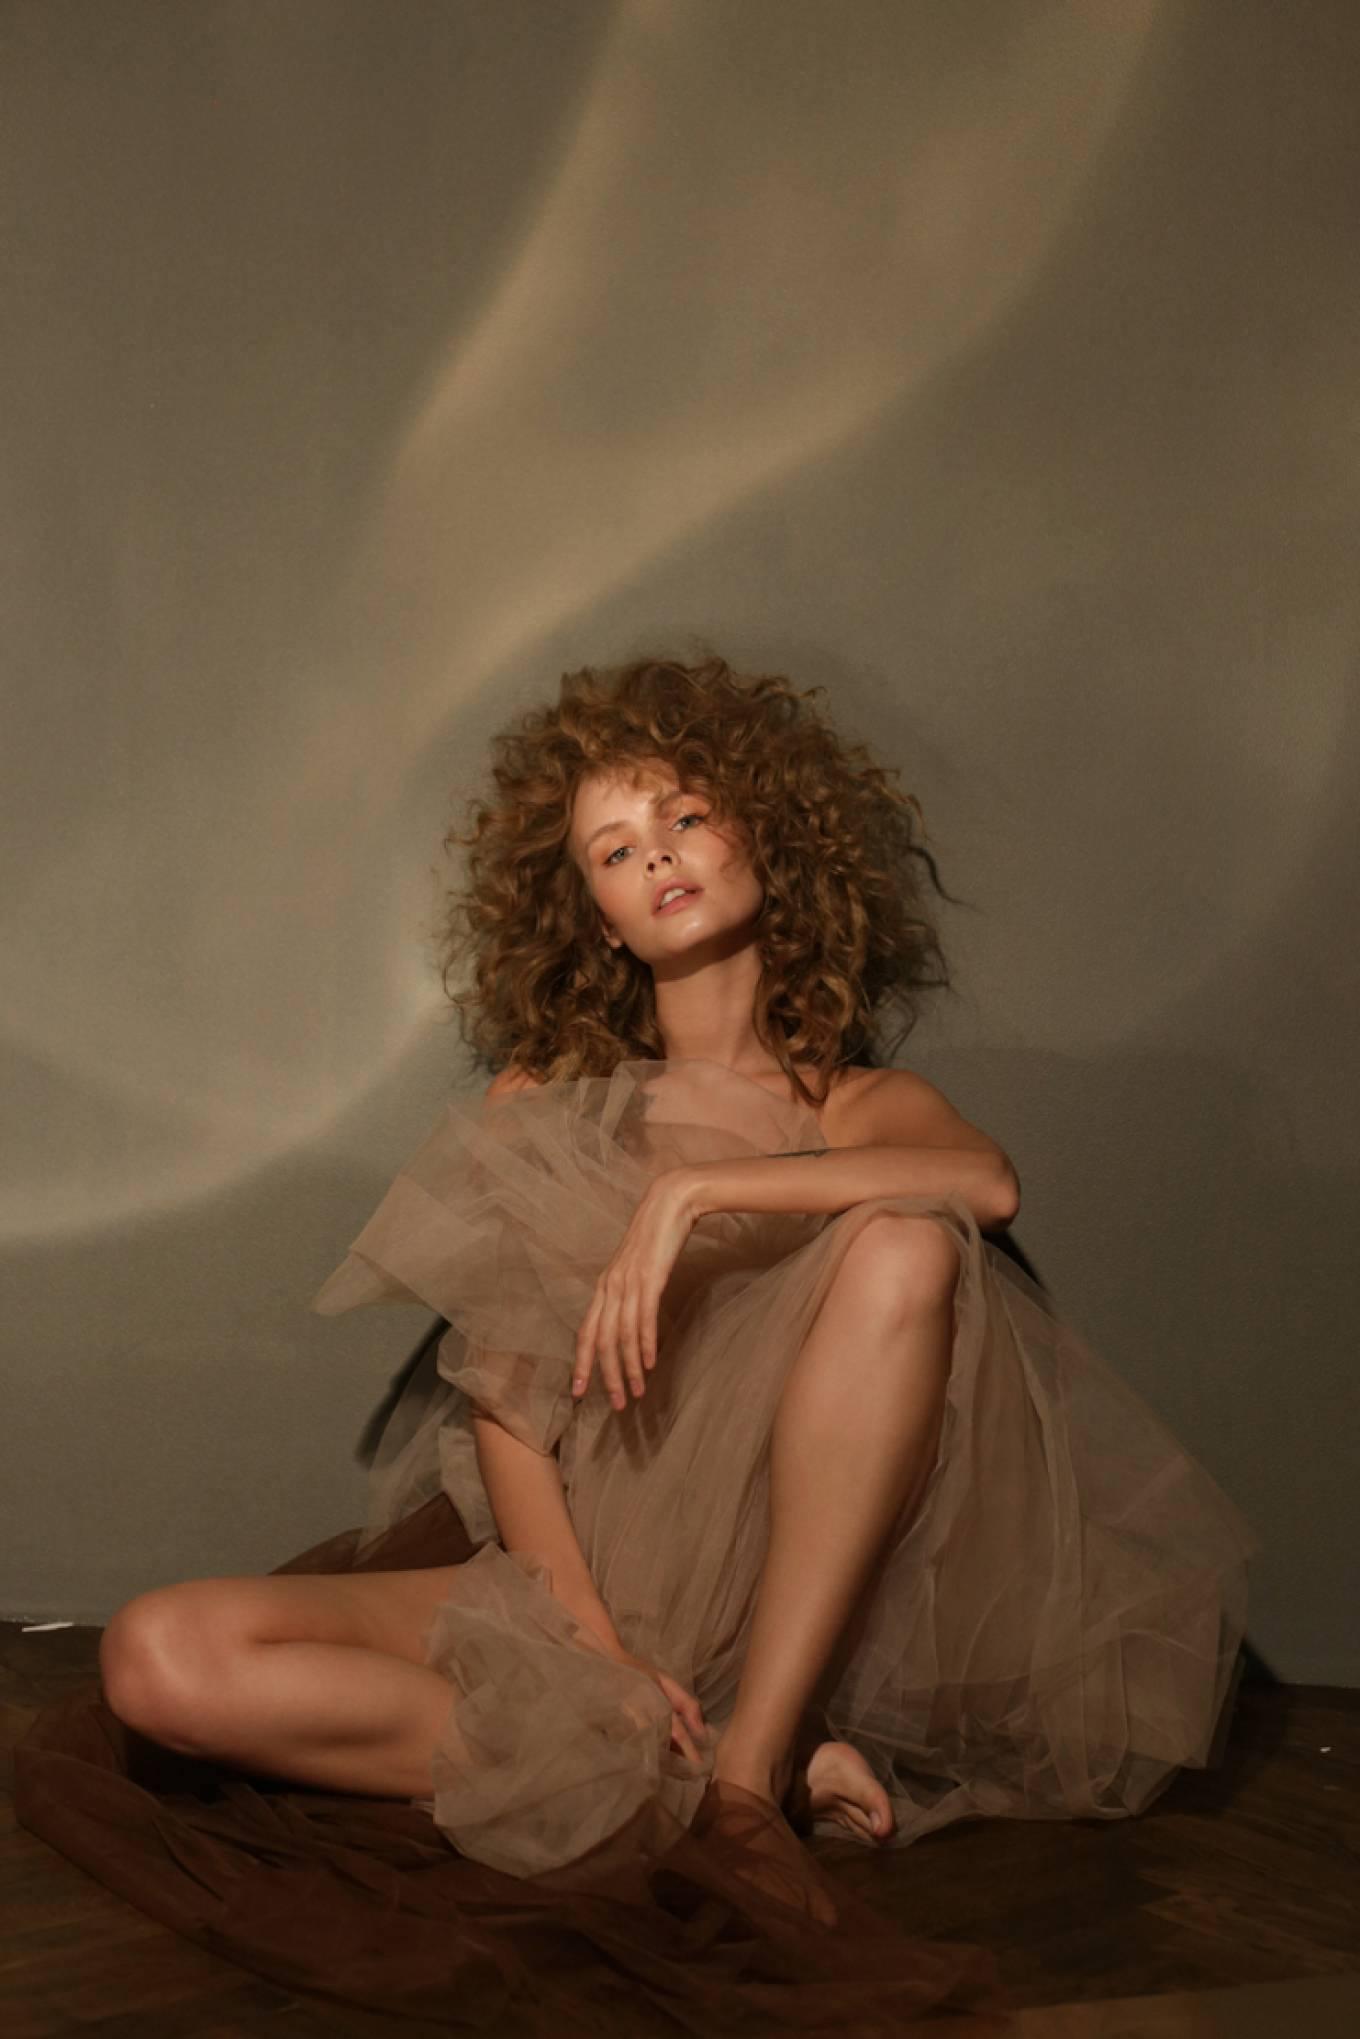 Anastasiya Scheglova – Sexy Body In Beautiful Photoshoot By Tonya Kochneva 0012